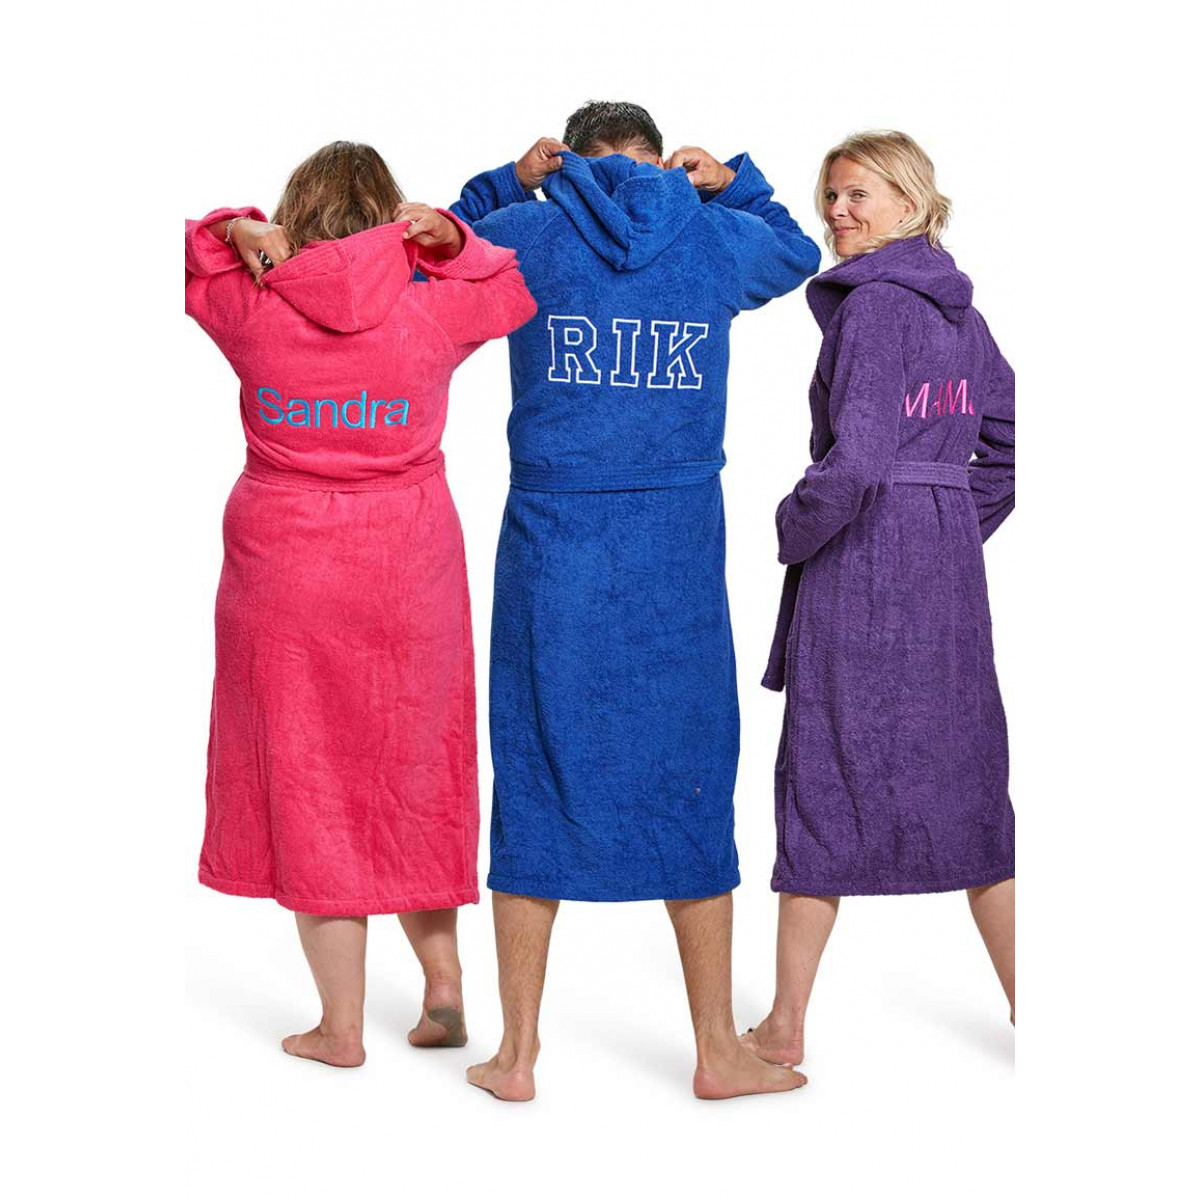 Borduren van badjassen met naam